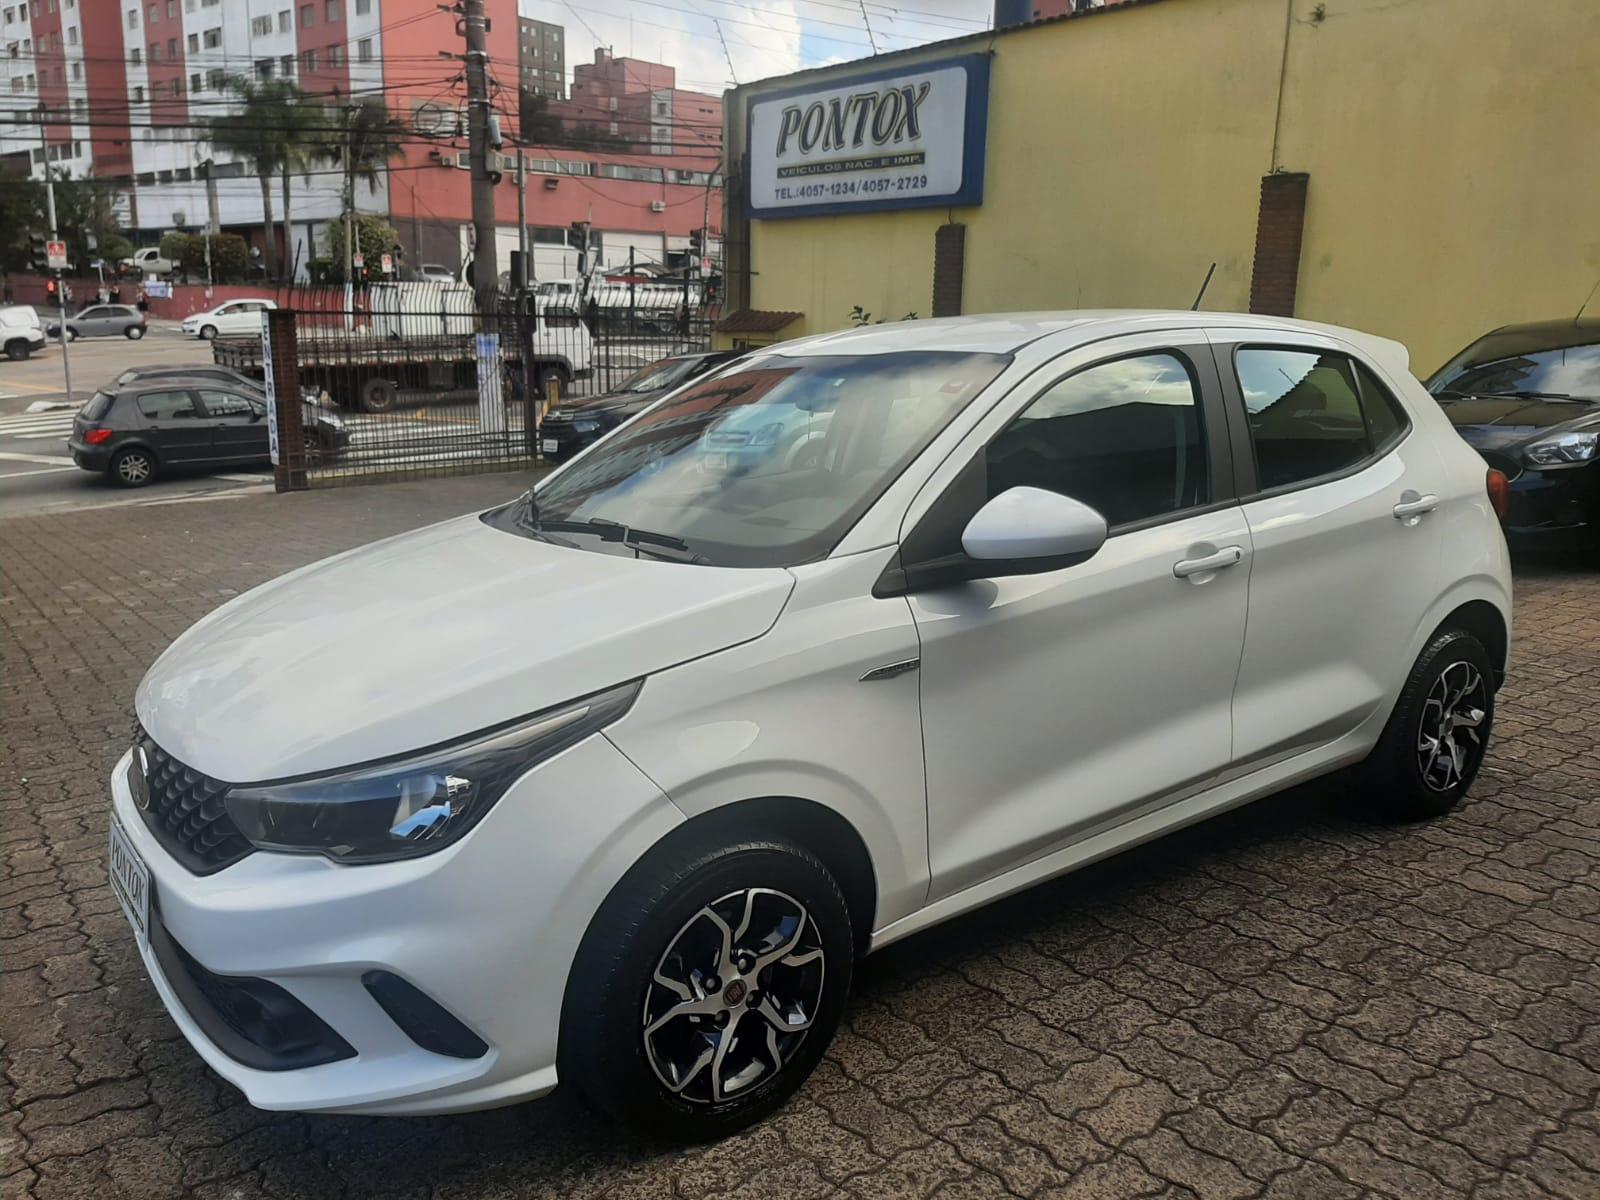 ARGO DRIVE 1.3 , EXCELENTE ESTADO , 2018/2019 , LINDO , SÓ 18474 KM , OLHOU GOSTOI